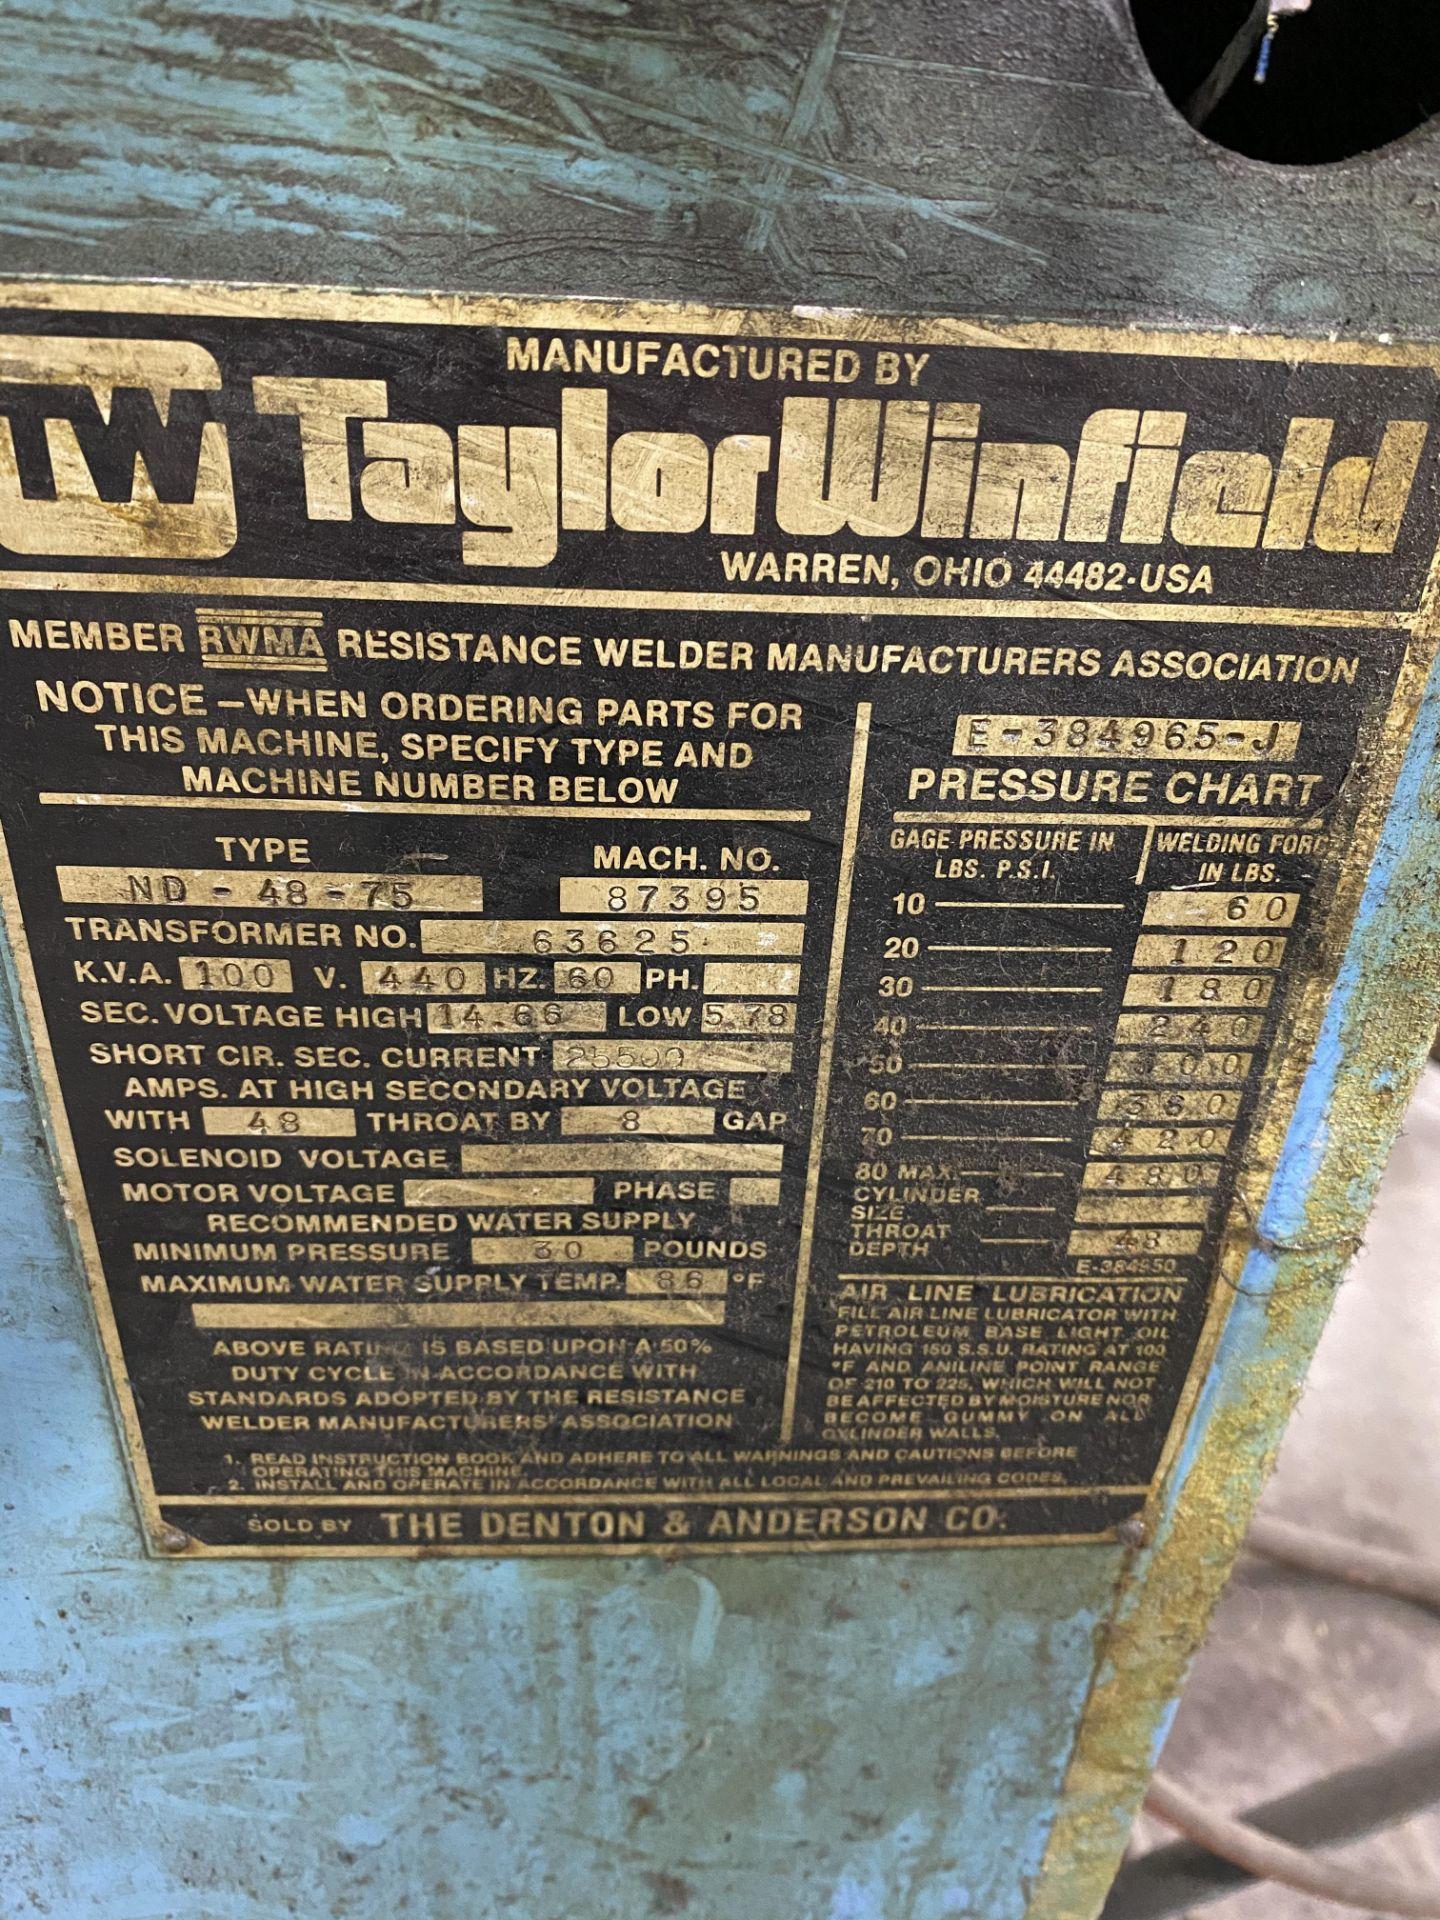 TAYLOR Spot Welder mod.87395 100-kva, s/n: NO-48-75 - Image 7 of 7